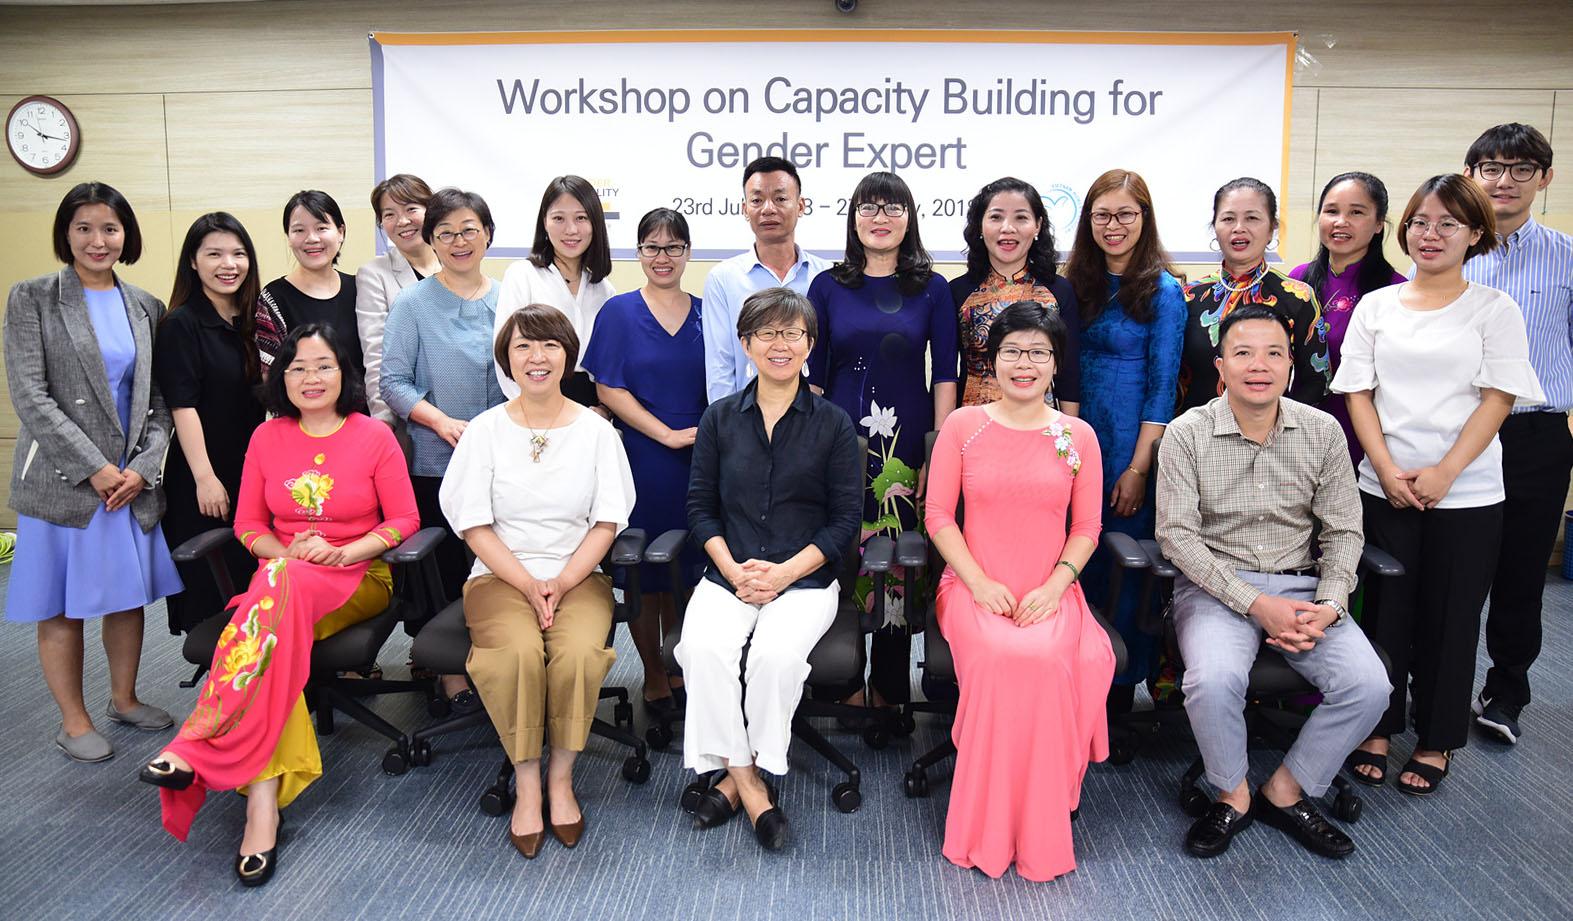 Tập huấn giảng viên nguồn về Giới tại Seoul, Hàn Quốc.